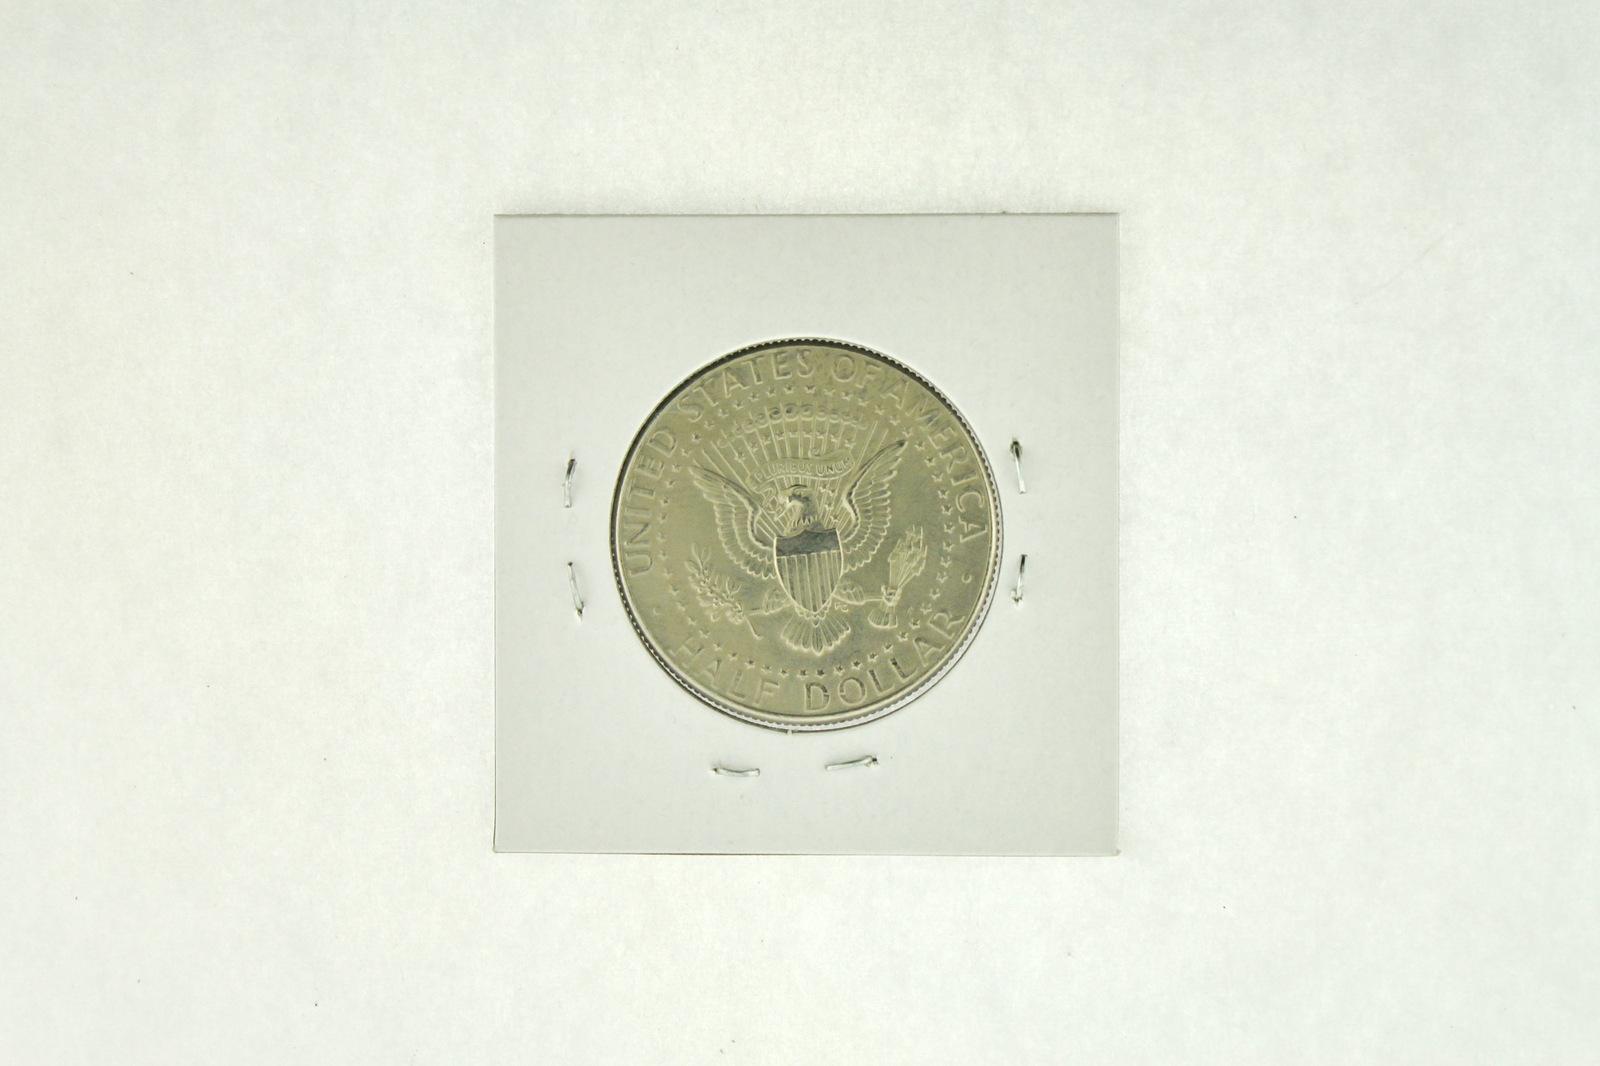 2001-D Kennedy Half Dollar (XF) Extremely Fine N2-4018-7